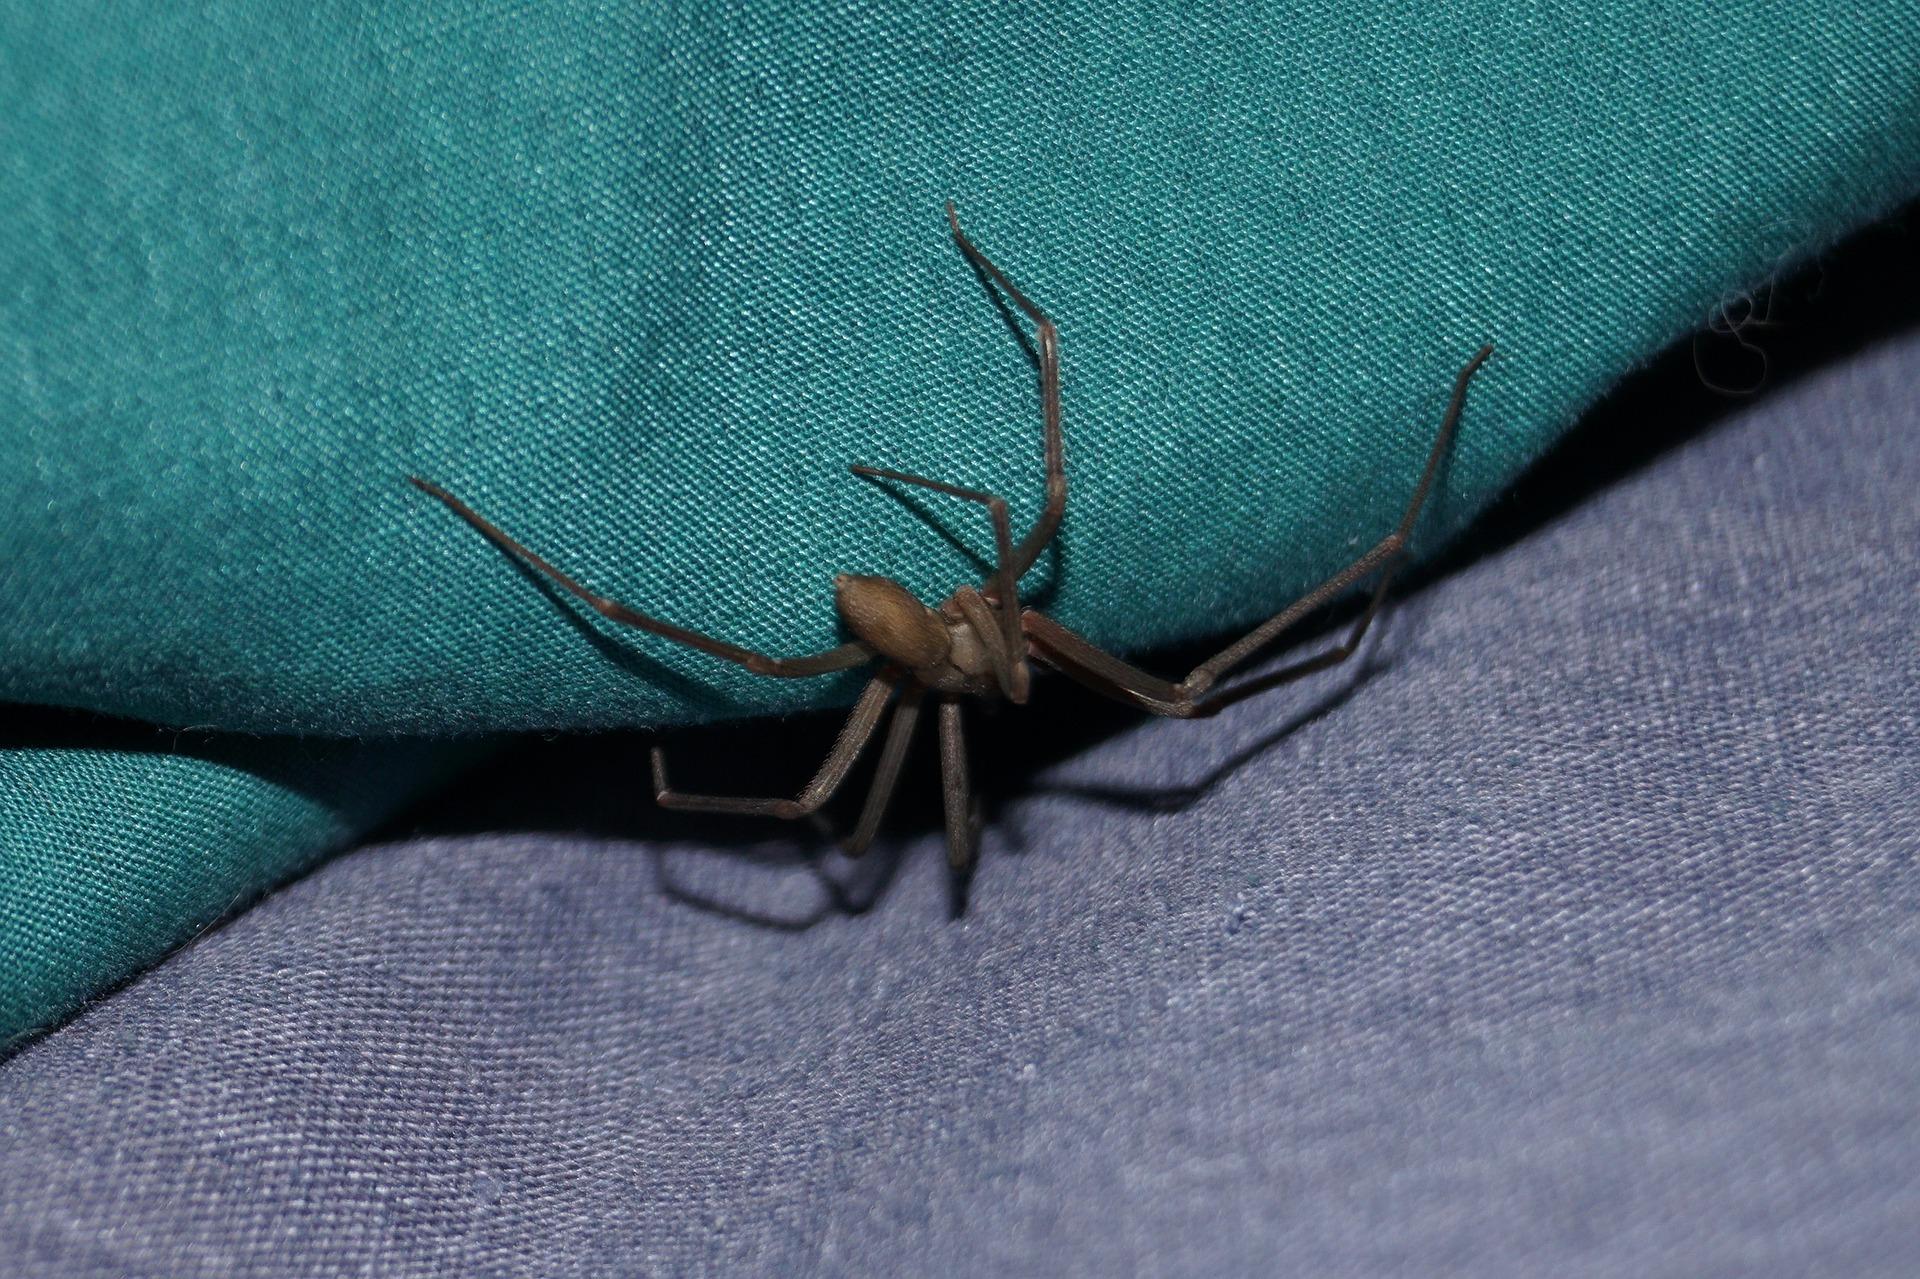 10 spider-1448506_1920